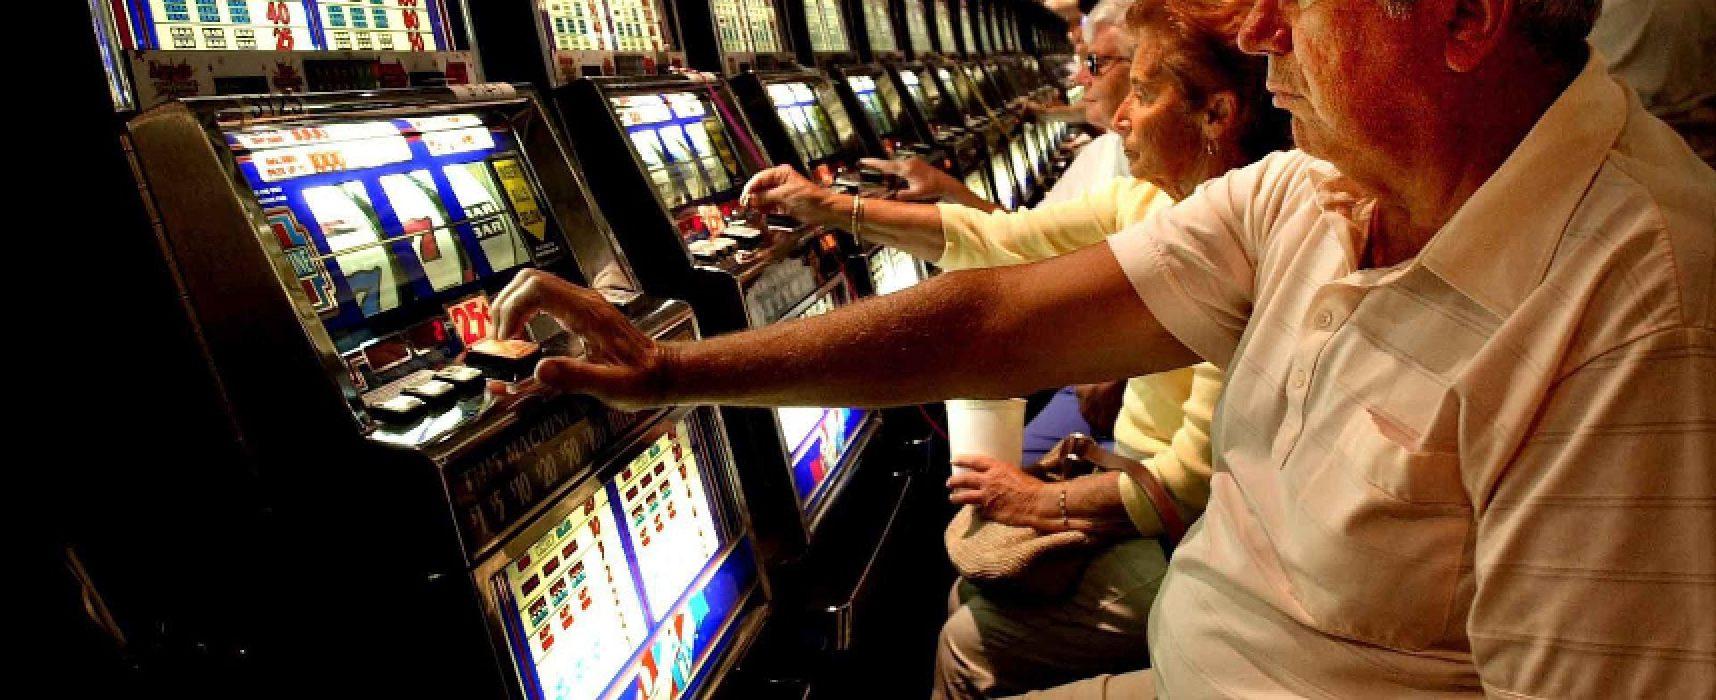 Gioco d'azzardo a Bisceglie: quasi metà della popolazione ha giocato almeno una volta nella vita